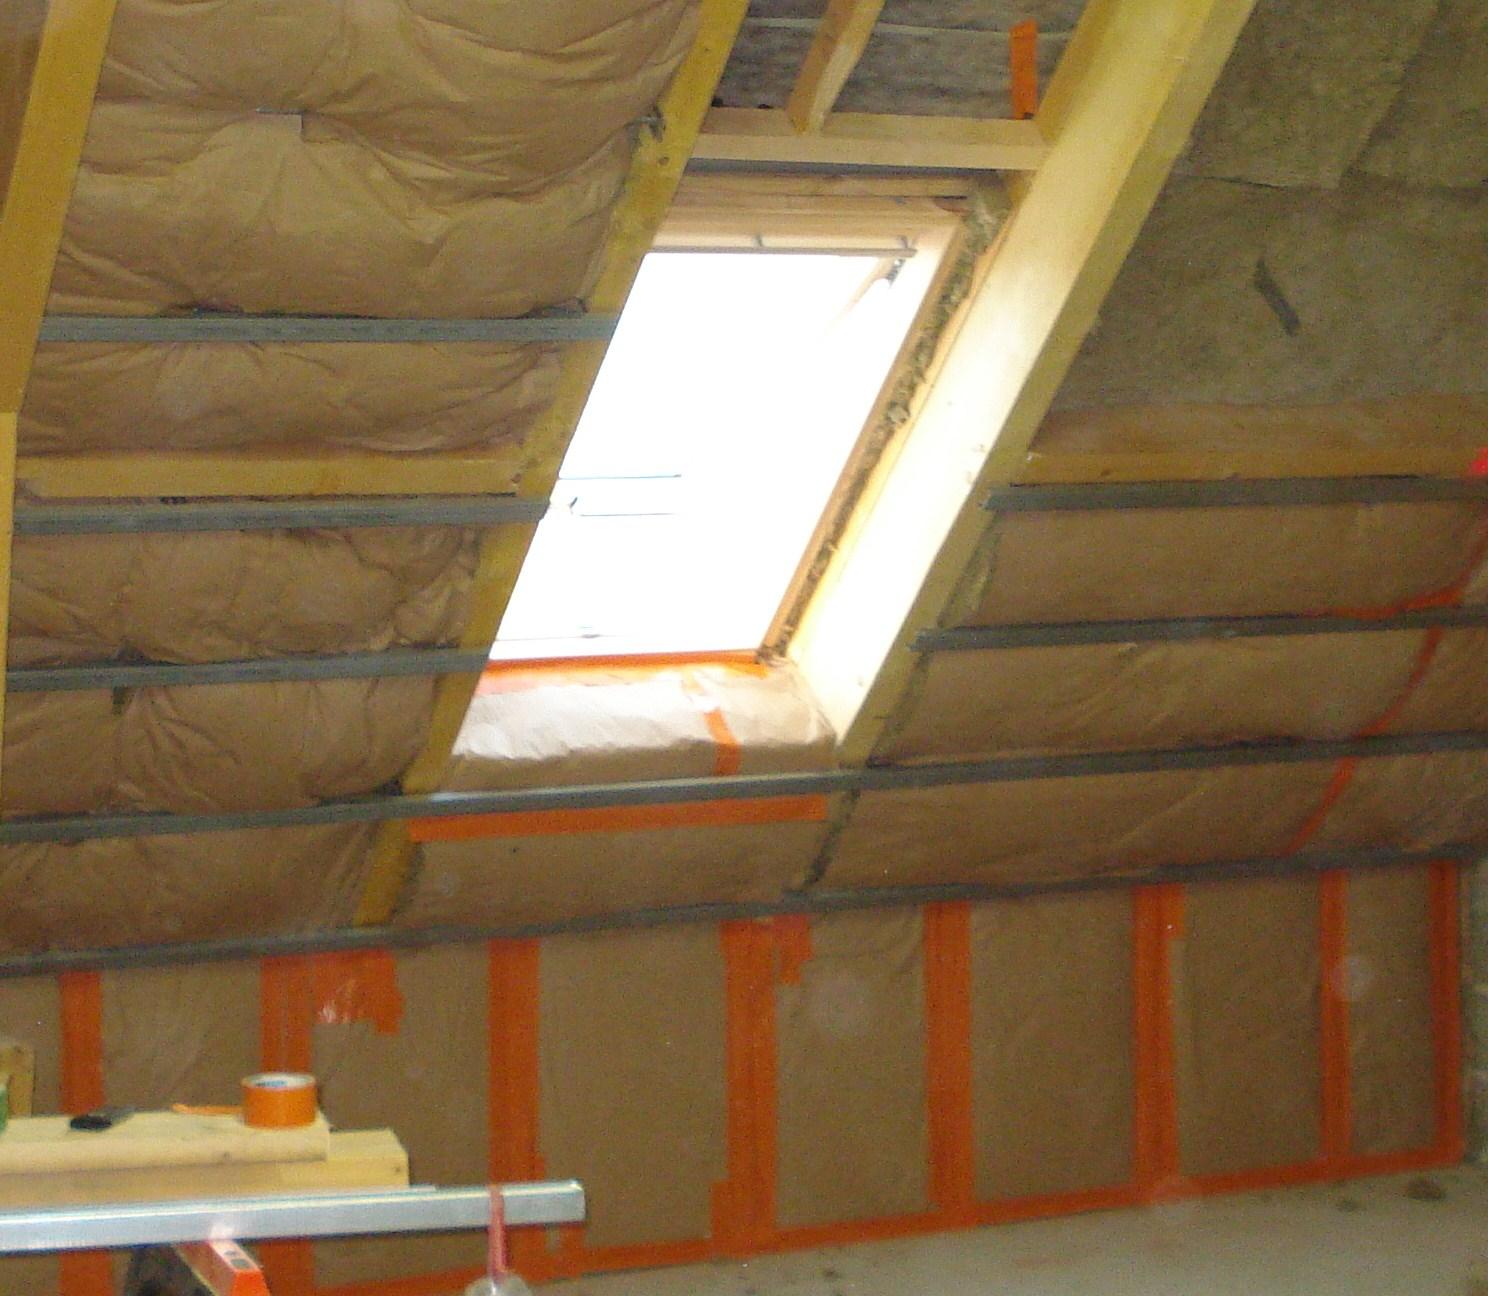 comment bien isoler sa maison en renovation ventana blog. Black Bedroom Furniture Sets. Home Design Ideas